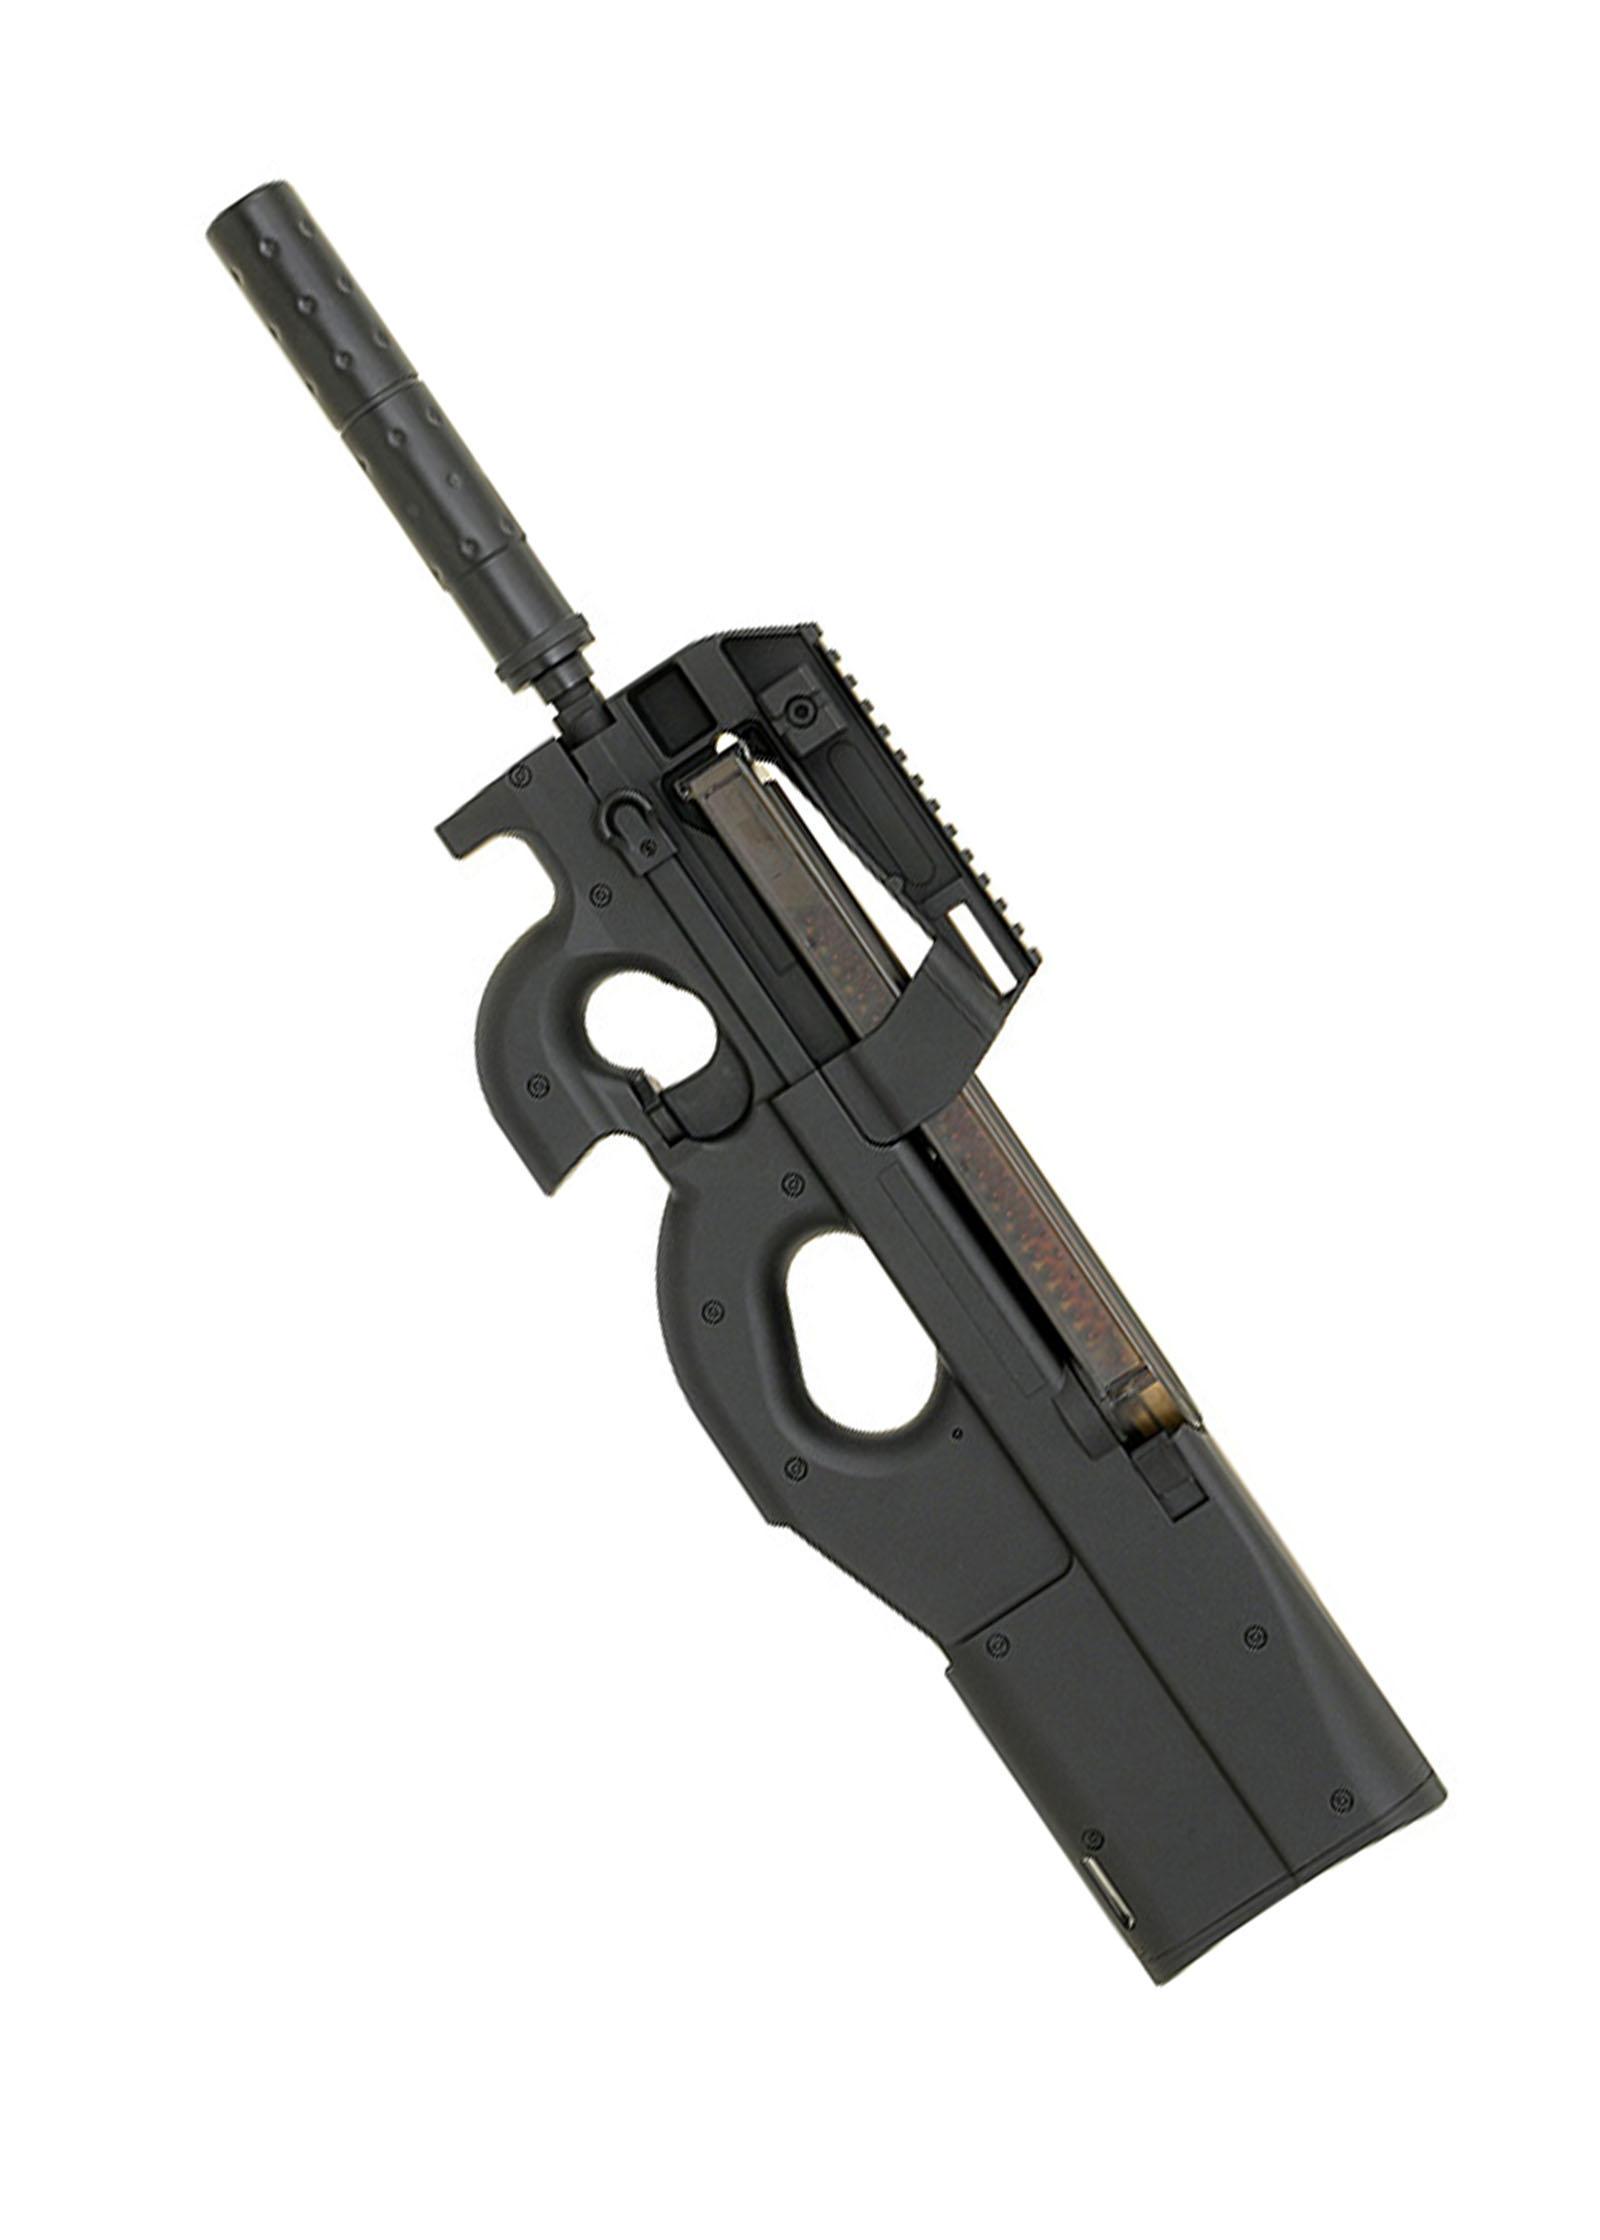 АВТОМАТ ПНЕВМ. CYMA FN P90, AEG, металл, пластик CM060B